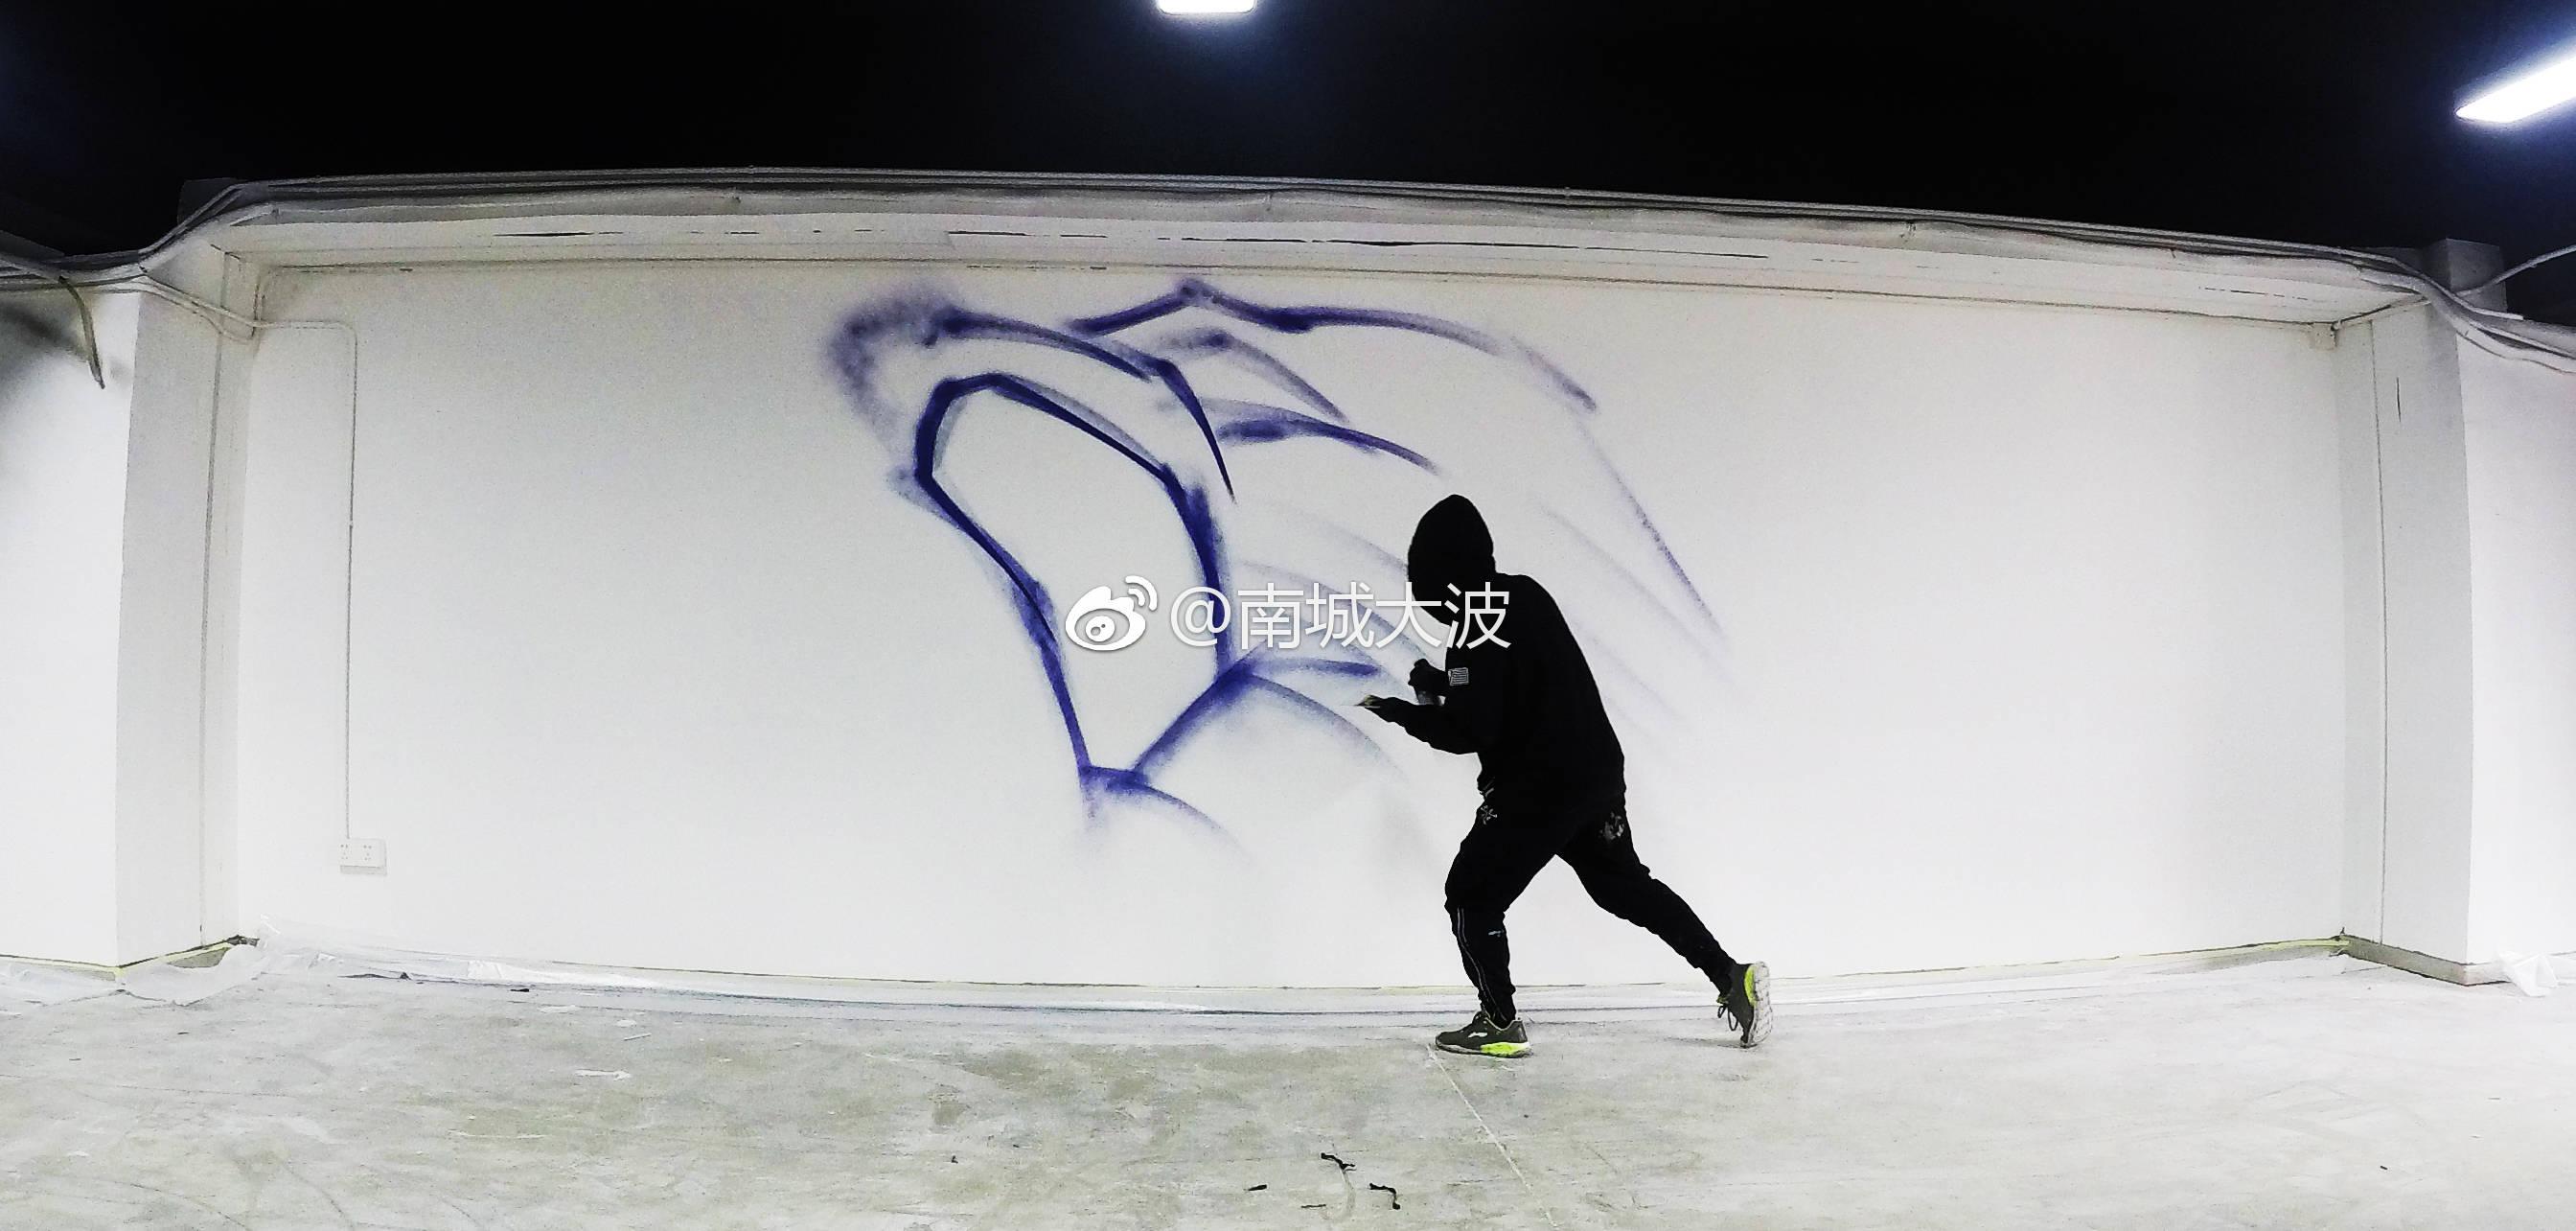 """北京涂鸦团队@南城大波哥从北京到广州进行街头涂鸦艺术创作""""沉淀与爆发""""青铜王者的PK"""